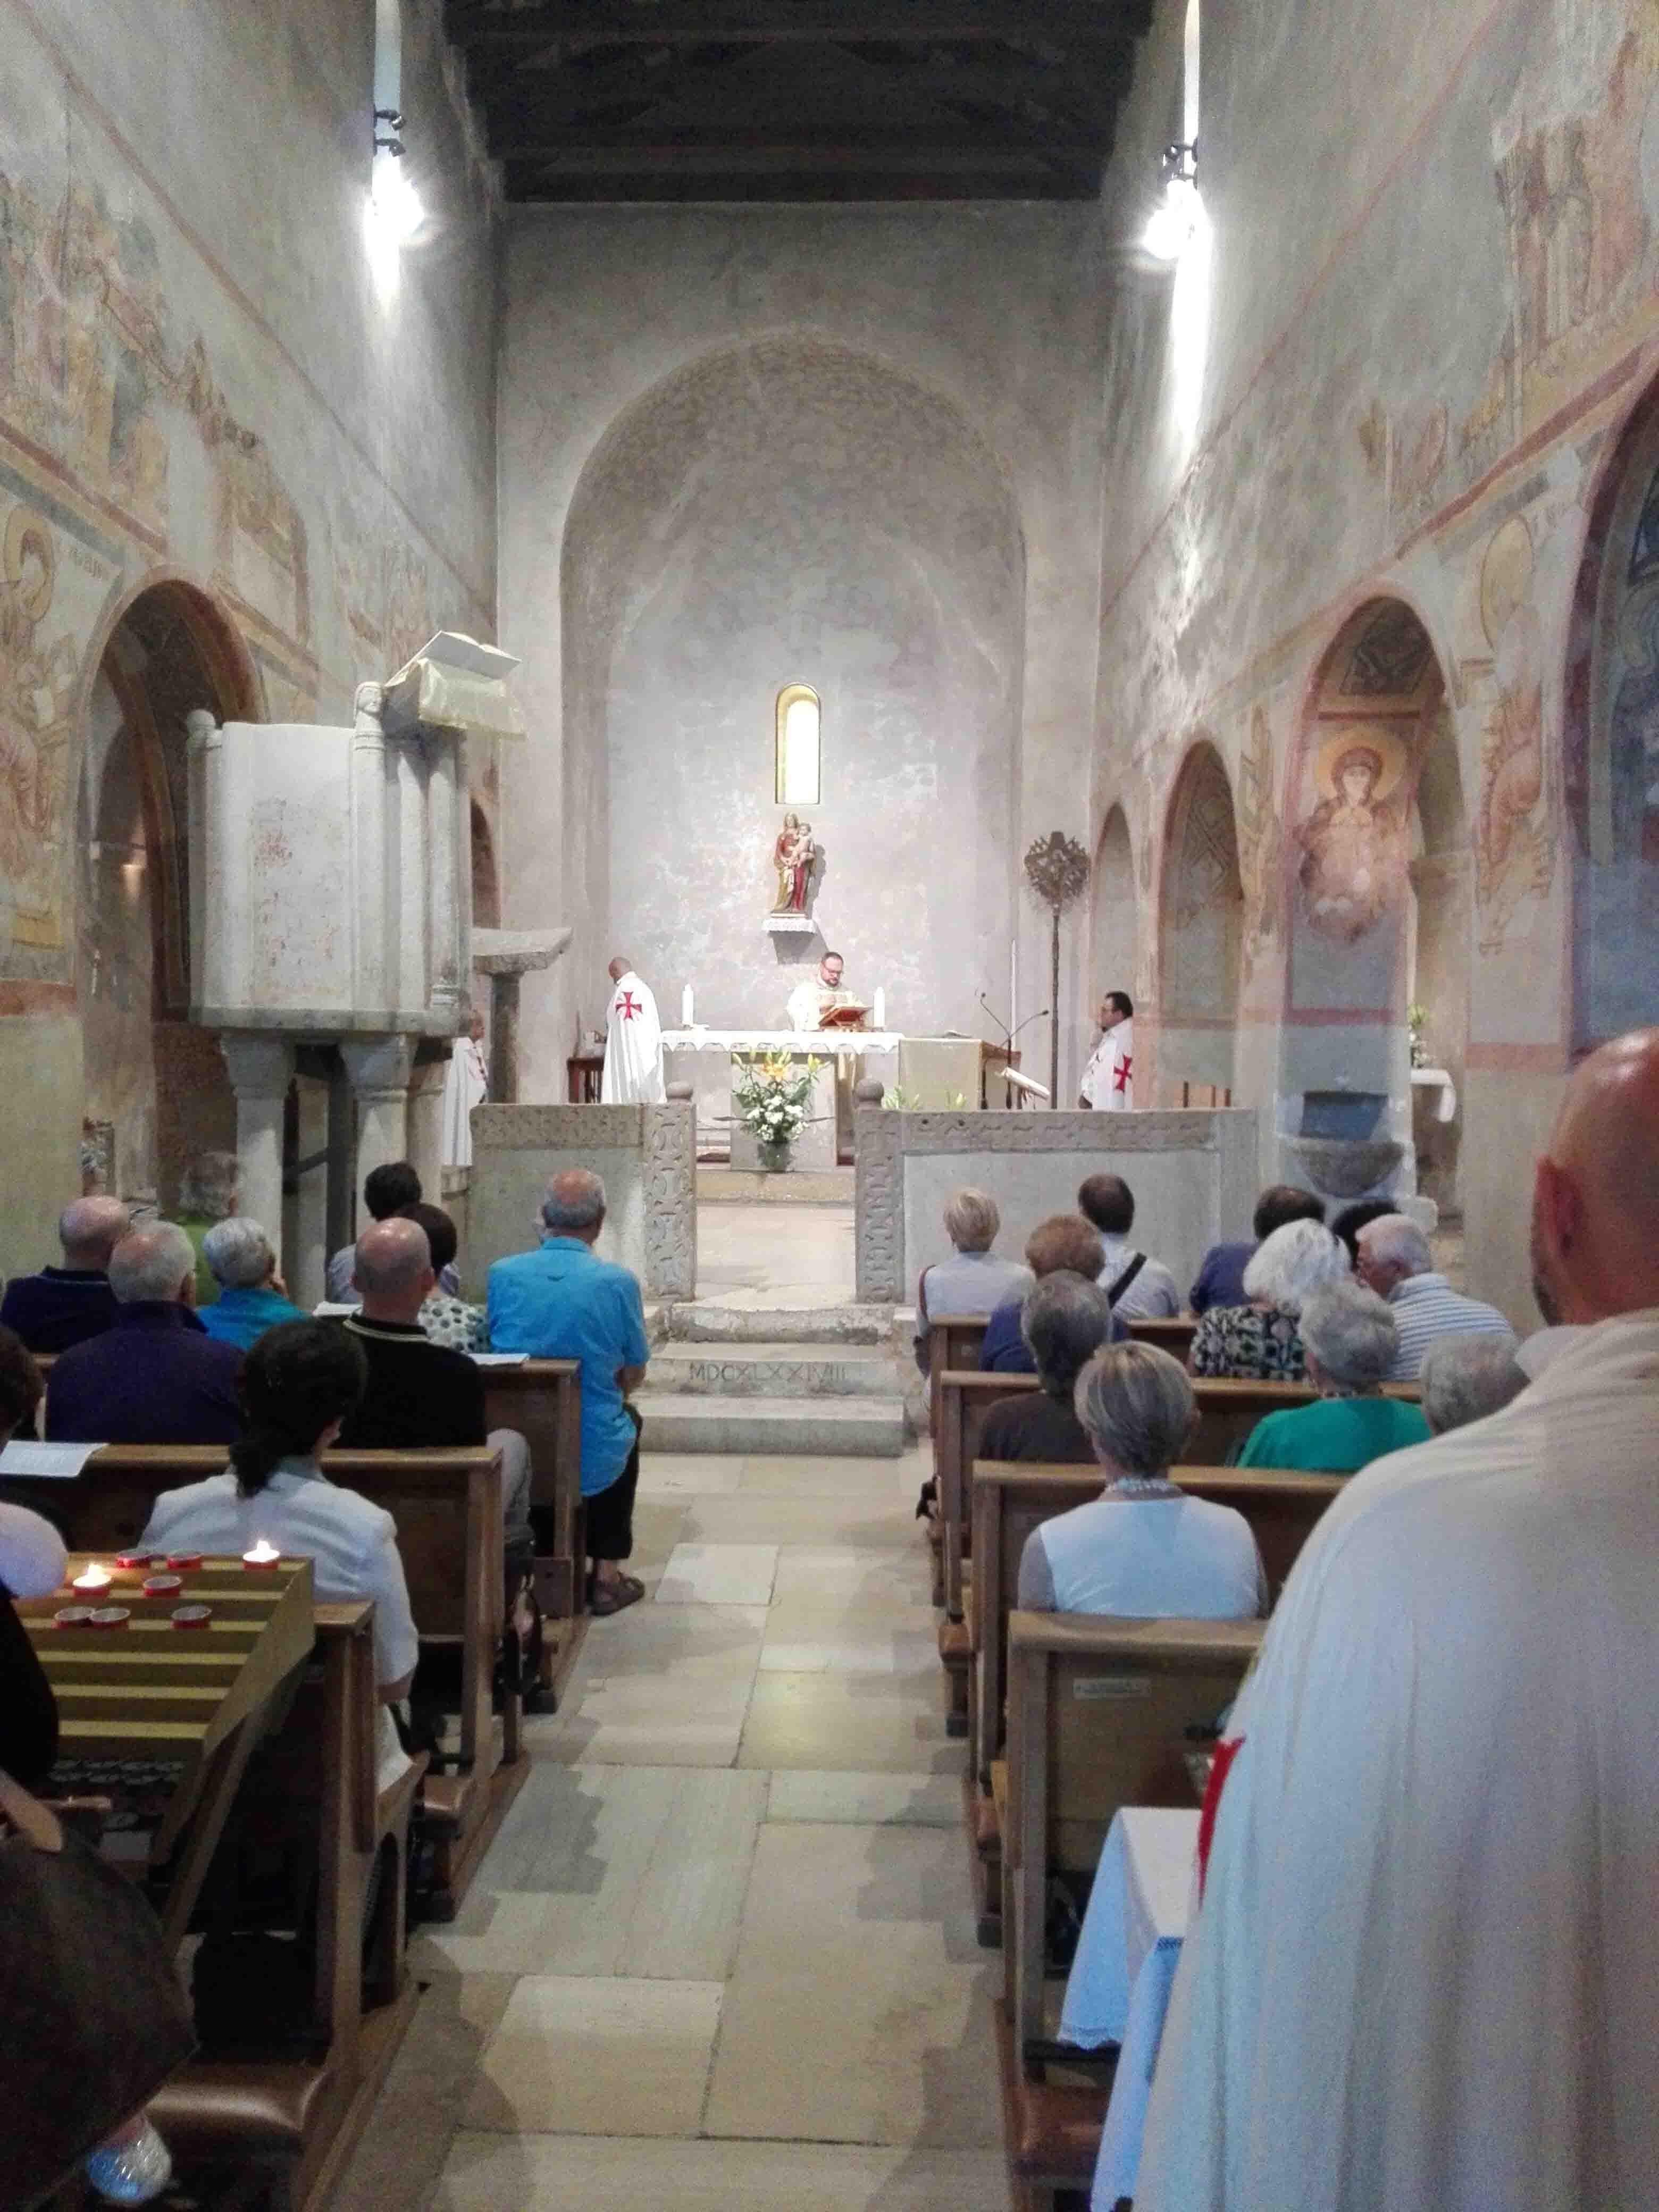 I Templari Cattolici d'Italia in occasione della Solennità della Santissima Trinità partecipano alle celebrazioni presso la chiesa templare Basilica di Santa Maria Assunta a Muggia Vecchia.